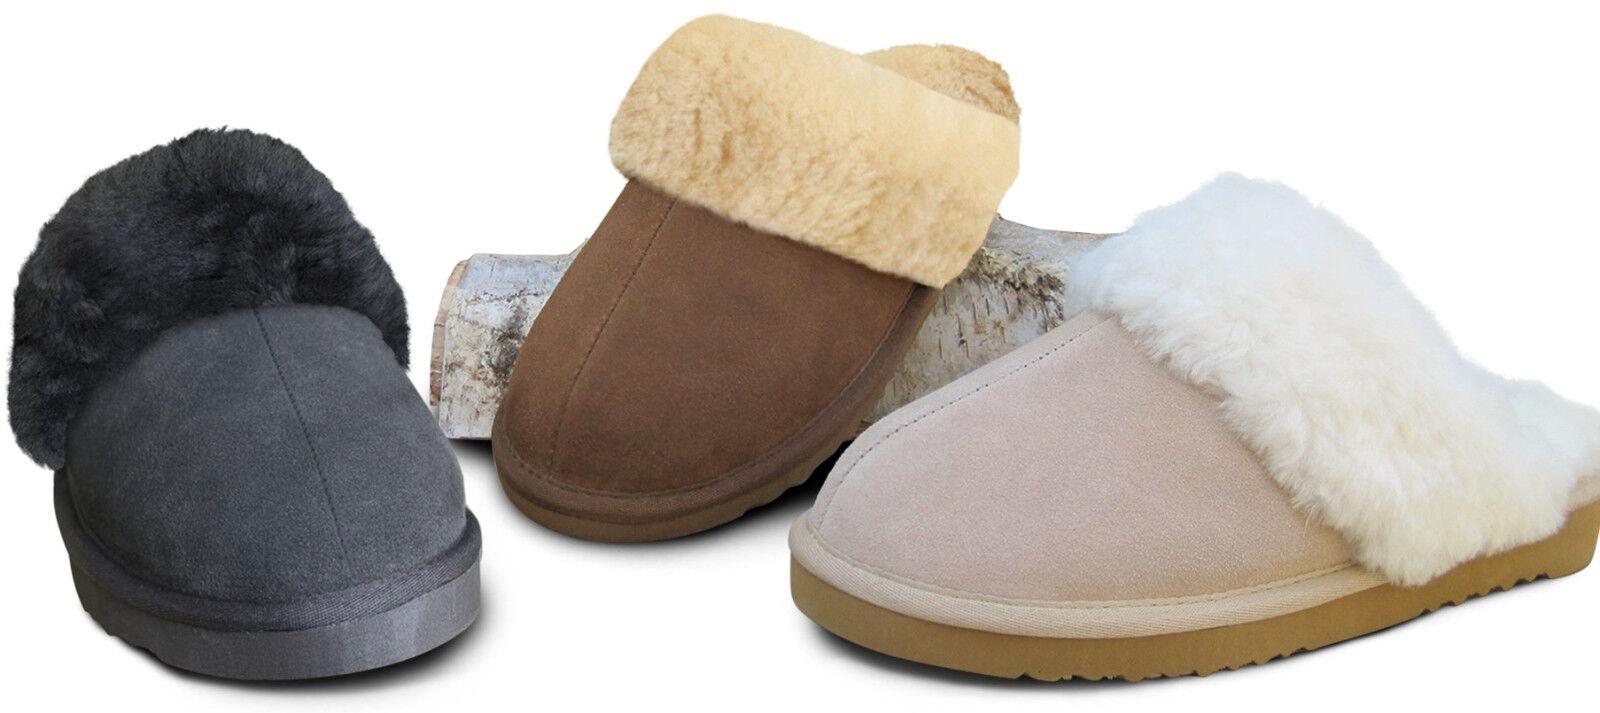 warme Lammfell Pantoffeln Hausschuhe Hausschuhe Pantoffeln Heitmann Damen + Herren Fell Schuhe 36-46 e350ef